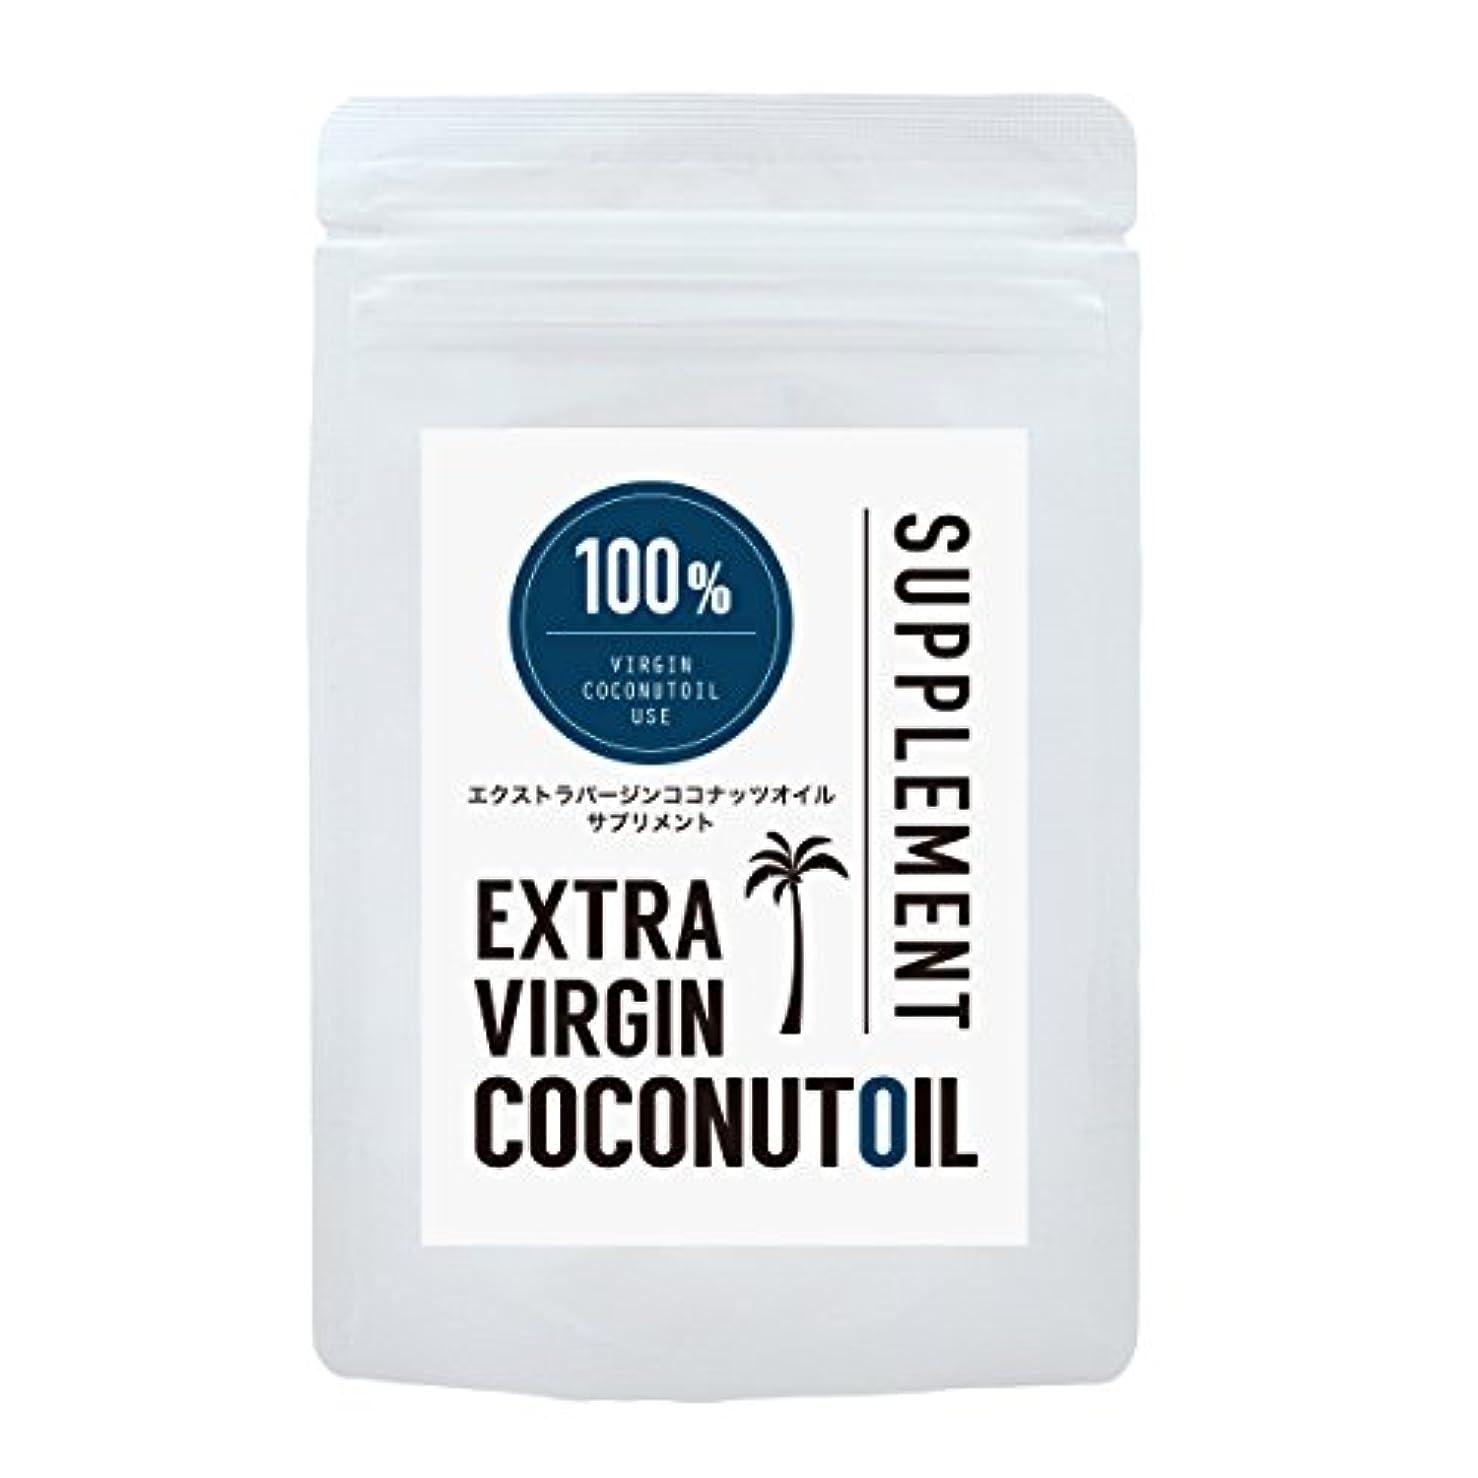 アラブバーマド机エクストラヴァージン ココナッツオイル サプリメント 90粒入り 無臭 カプセルタイプ